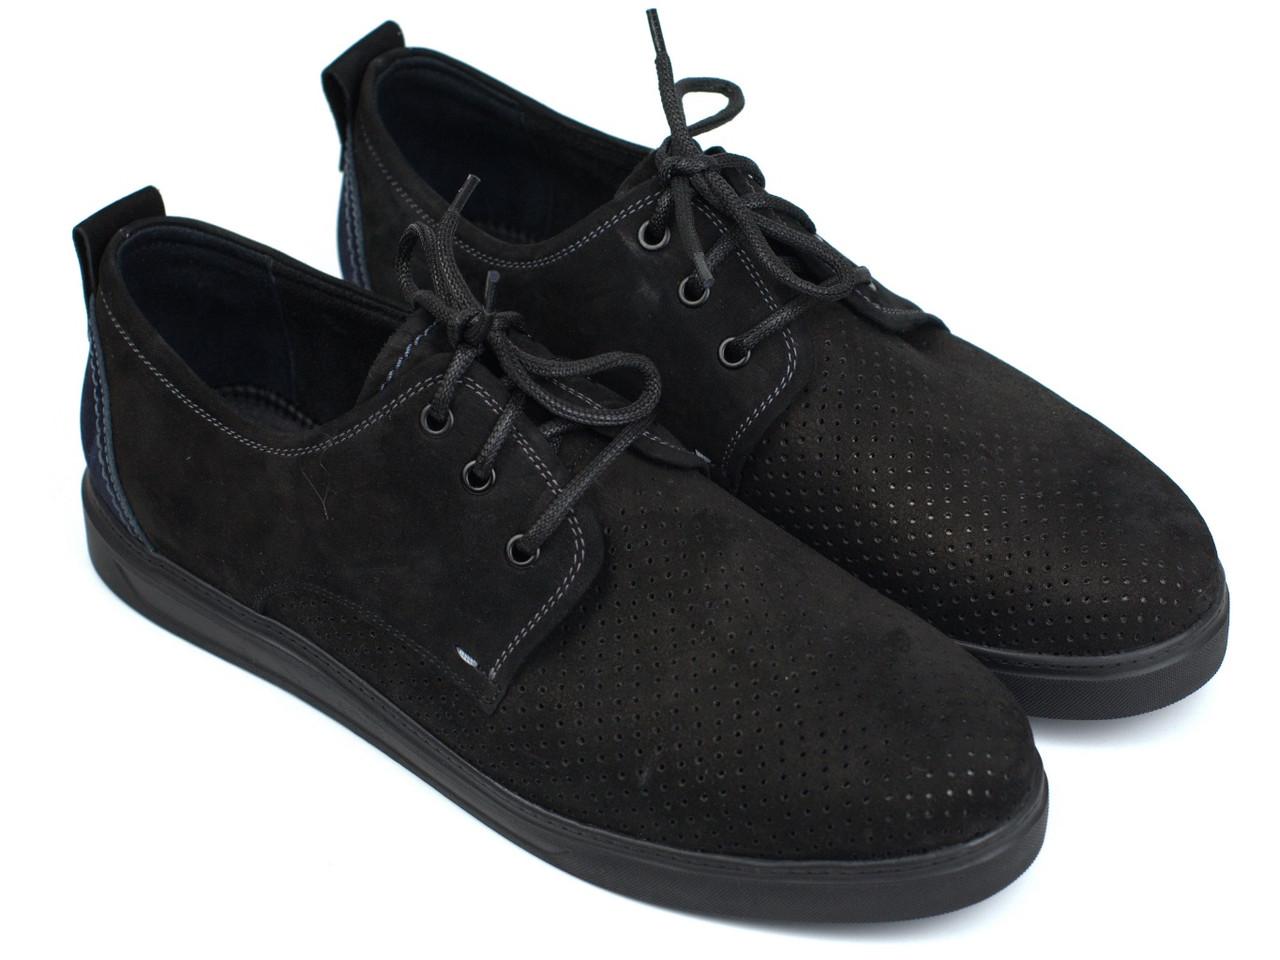 Мужская обувь больших размеров батальна летние кроссовки черные нубук перфорация Rosso Avangard BS Slipy Black